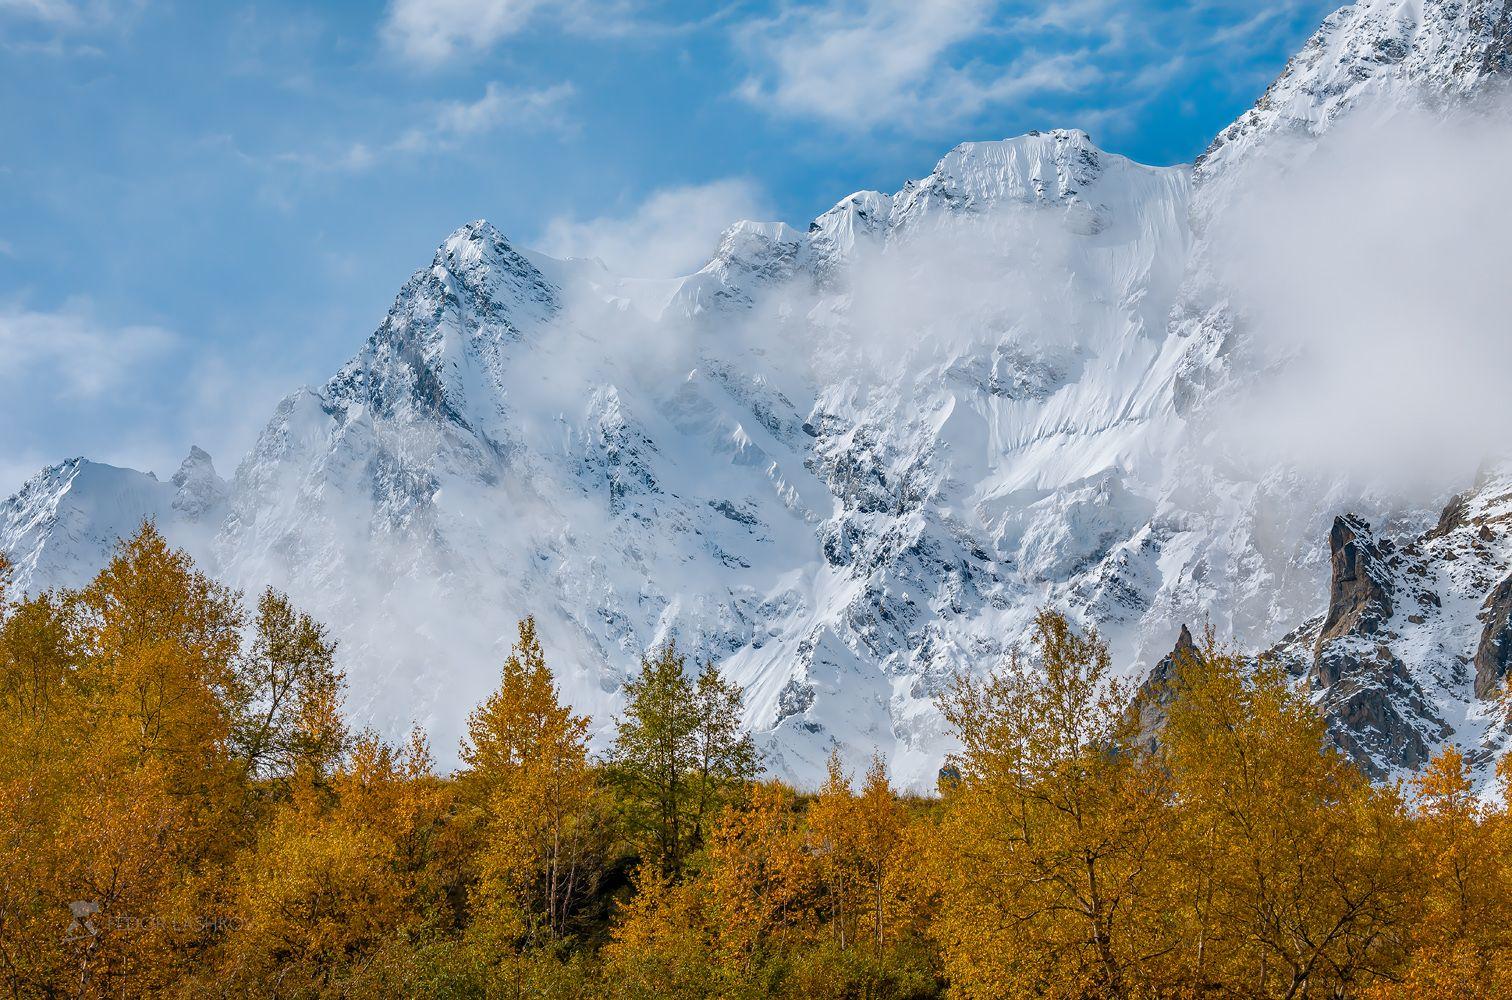 северный кавказ, горы, гора, вершина, путешествие, хребет, кабардино-балкарский высокогорный заповедник, заснеженные вершины, днём, дневное, осень, осеннее, жёлтое, синие,, Лашков Фёдор